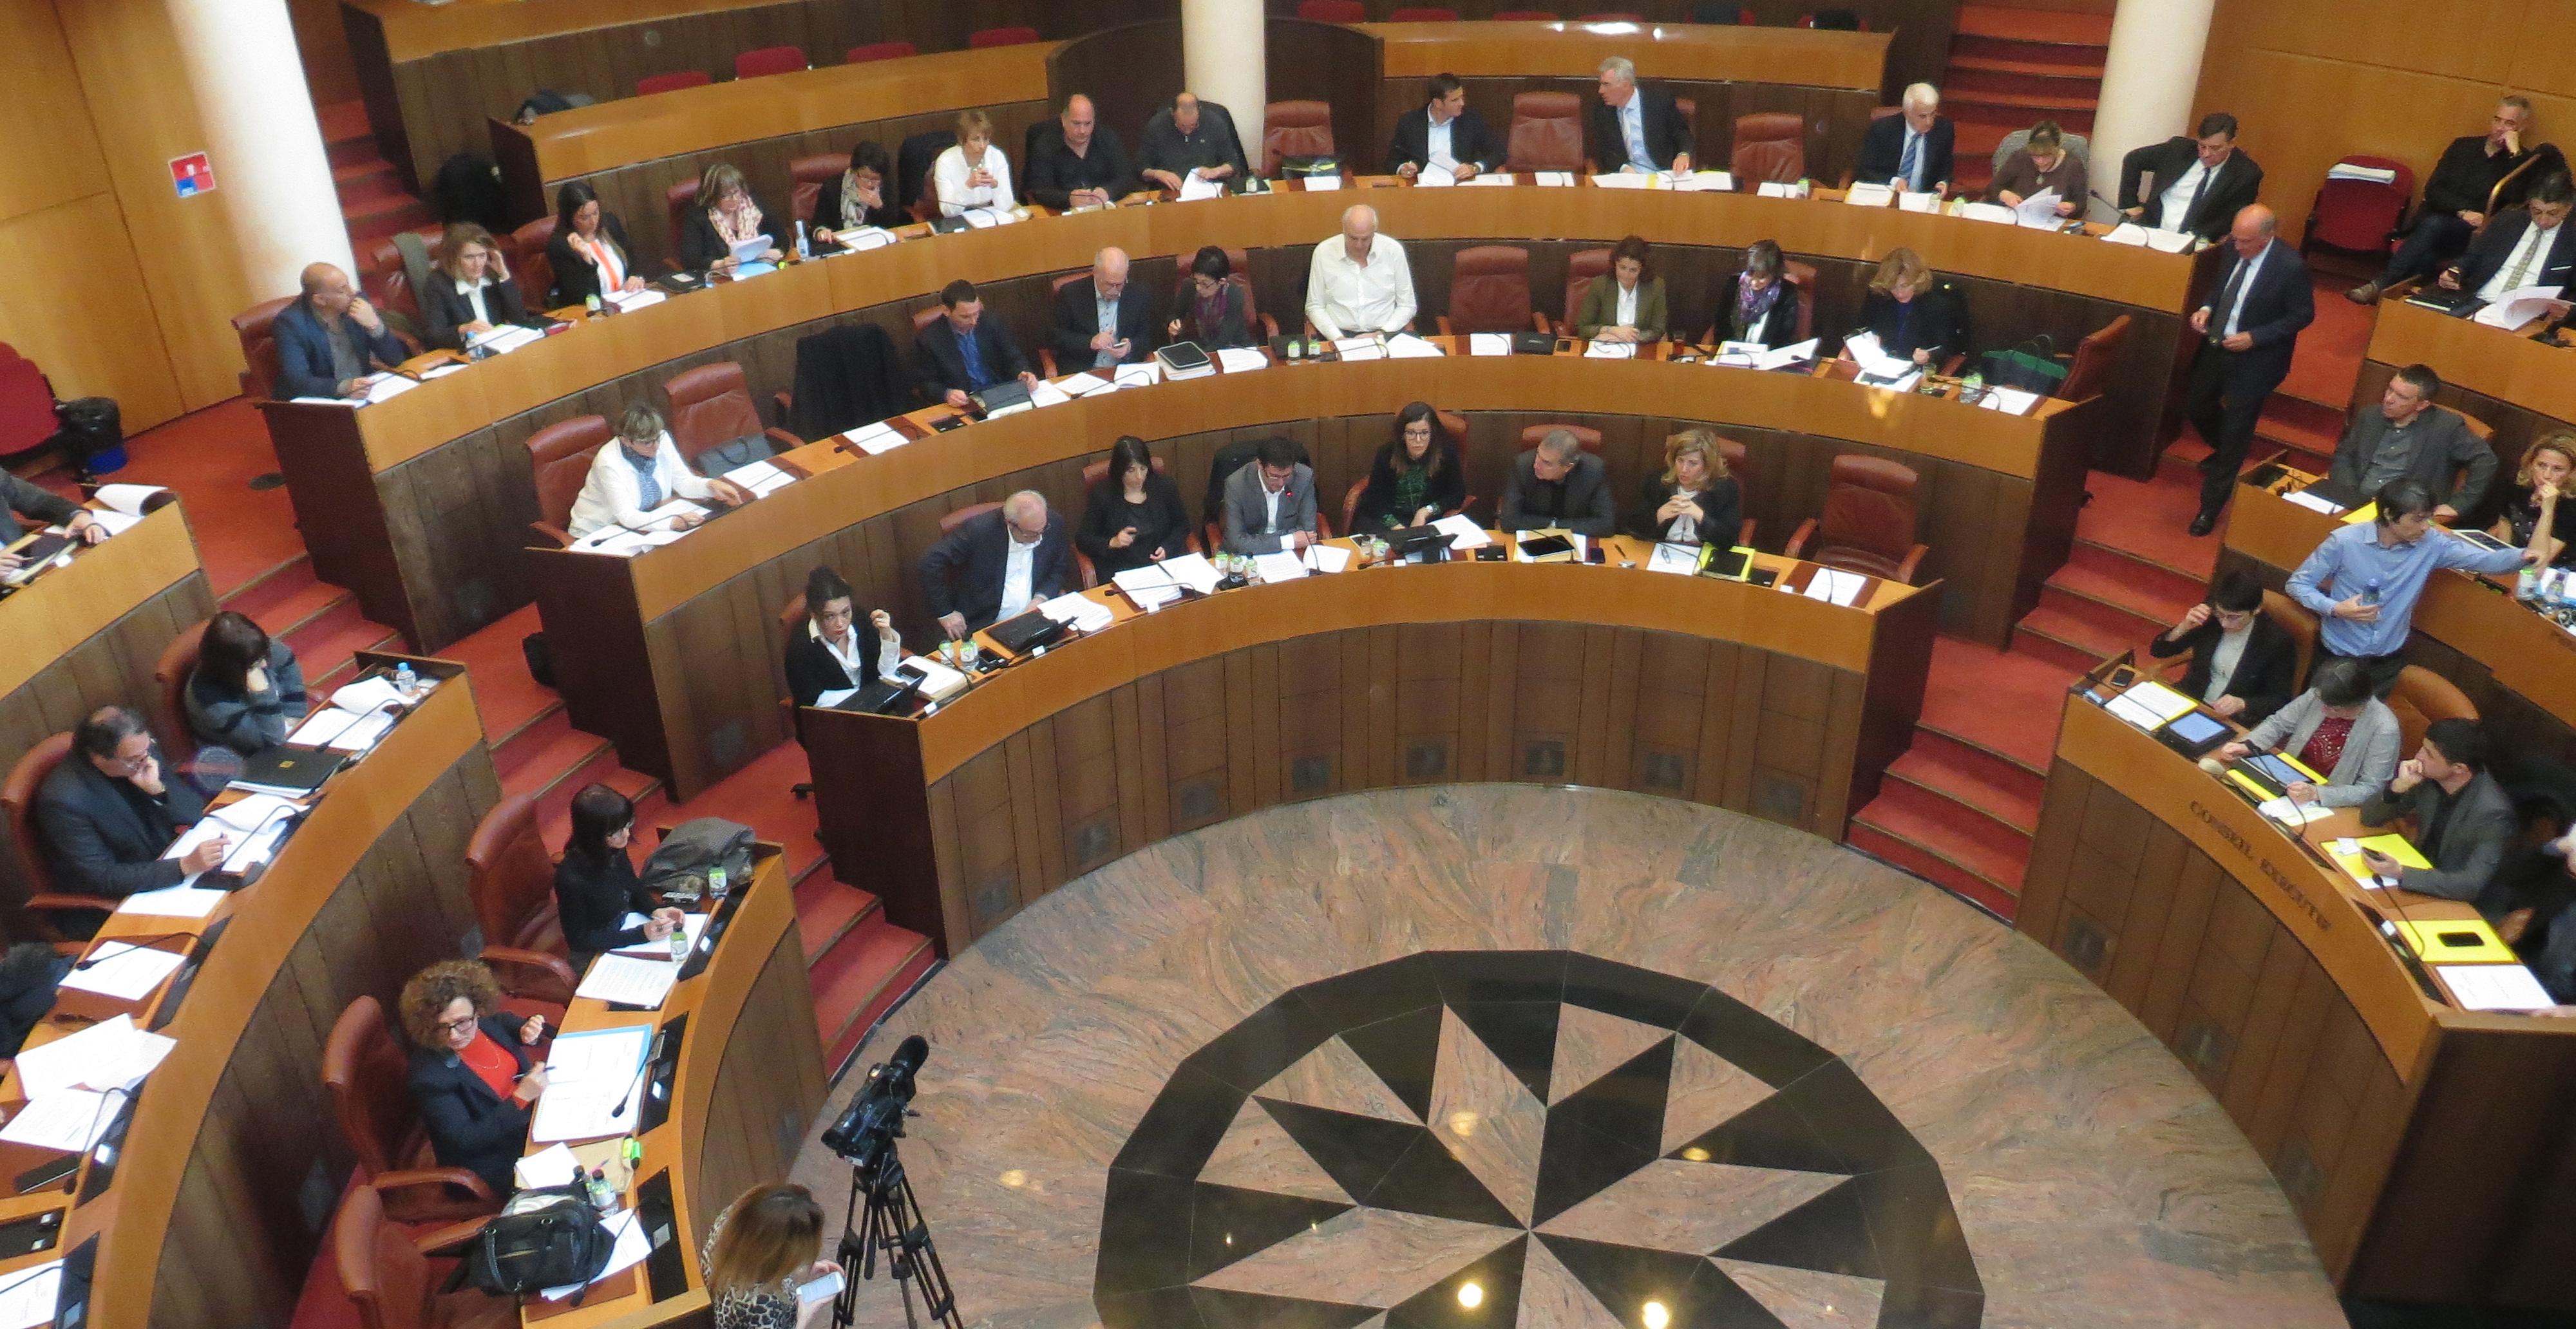 CTC : Pas de clash budgétaire, mais une opposition prête à collaborer avec l'Exécutif !